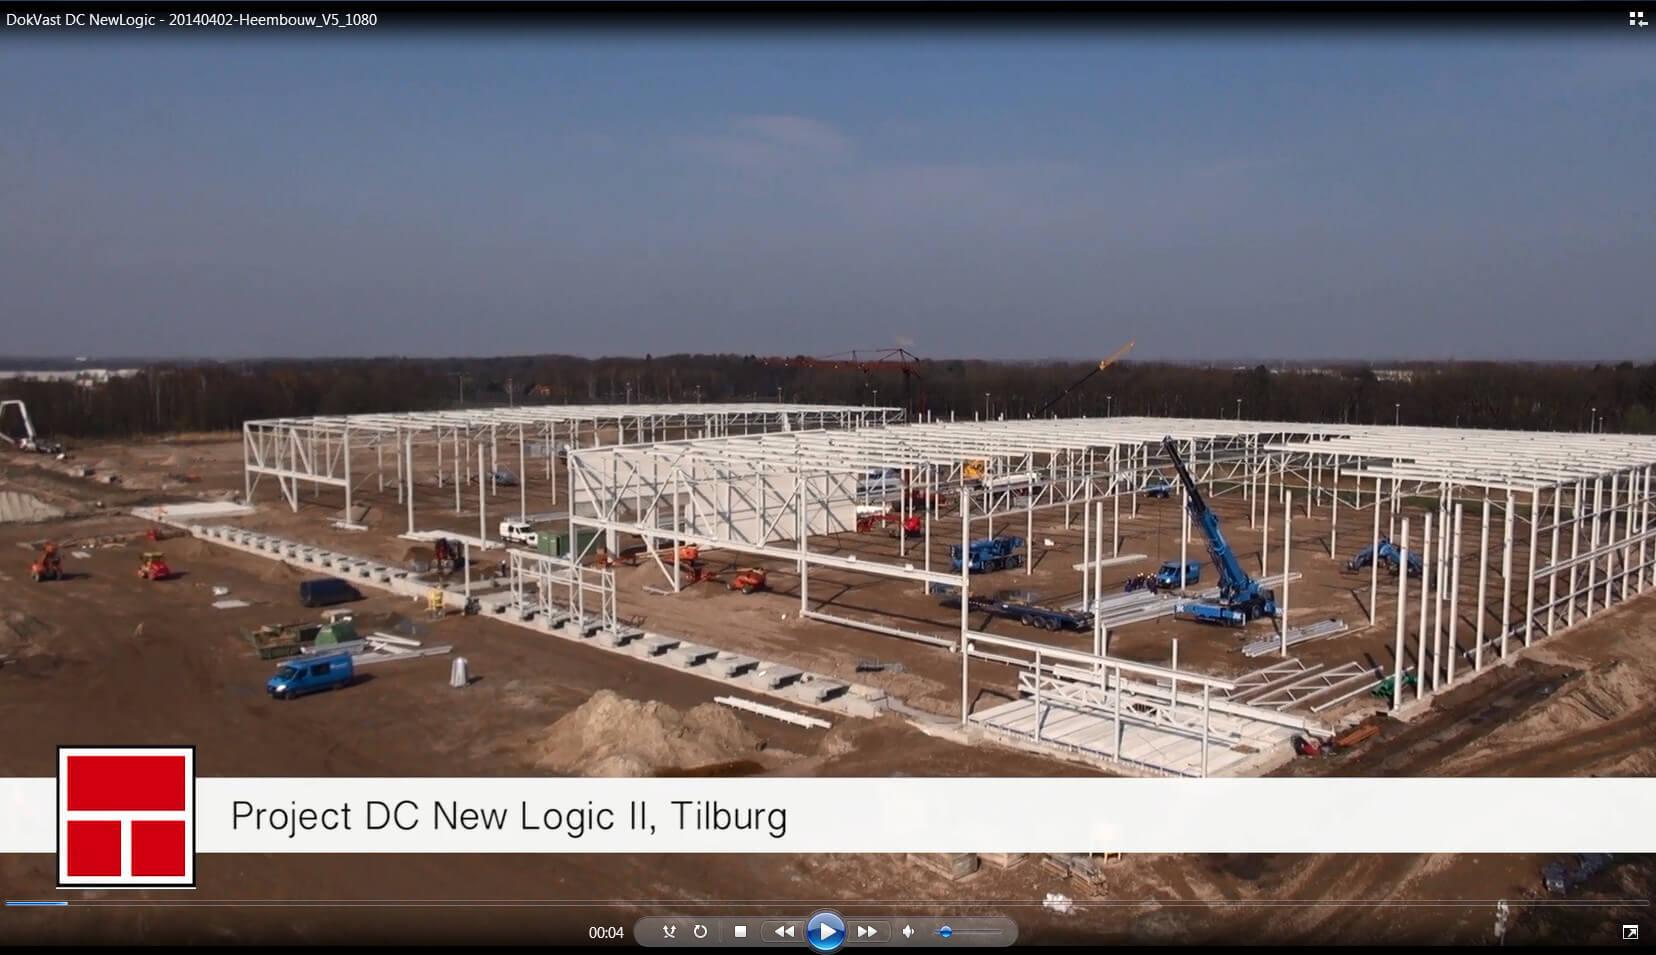 DC NEW LOGIC TILBURG